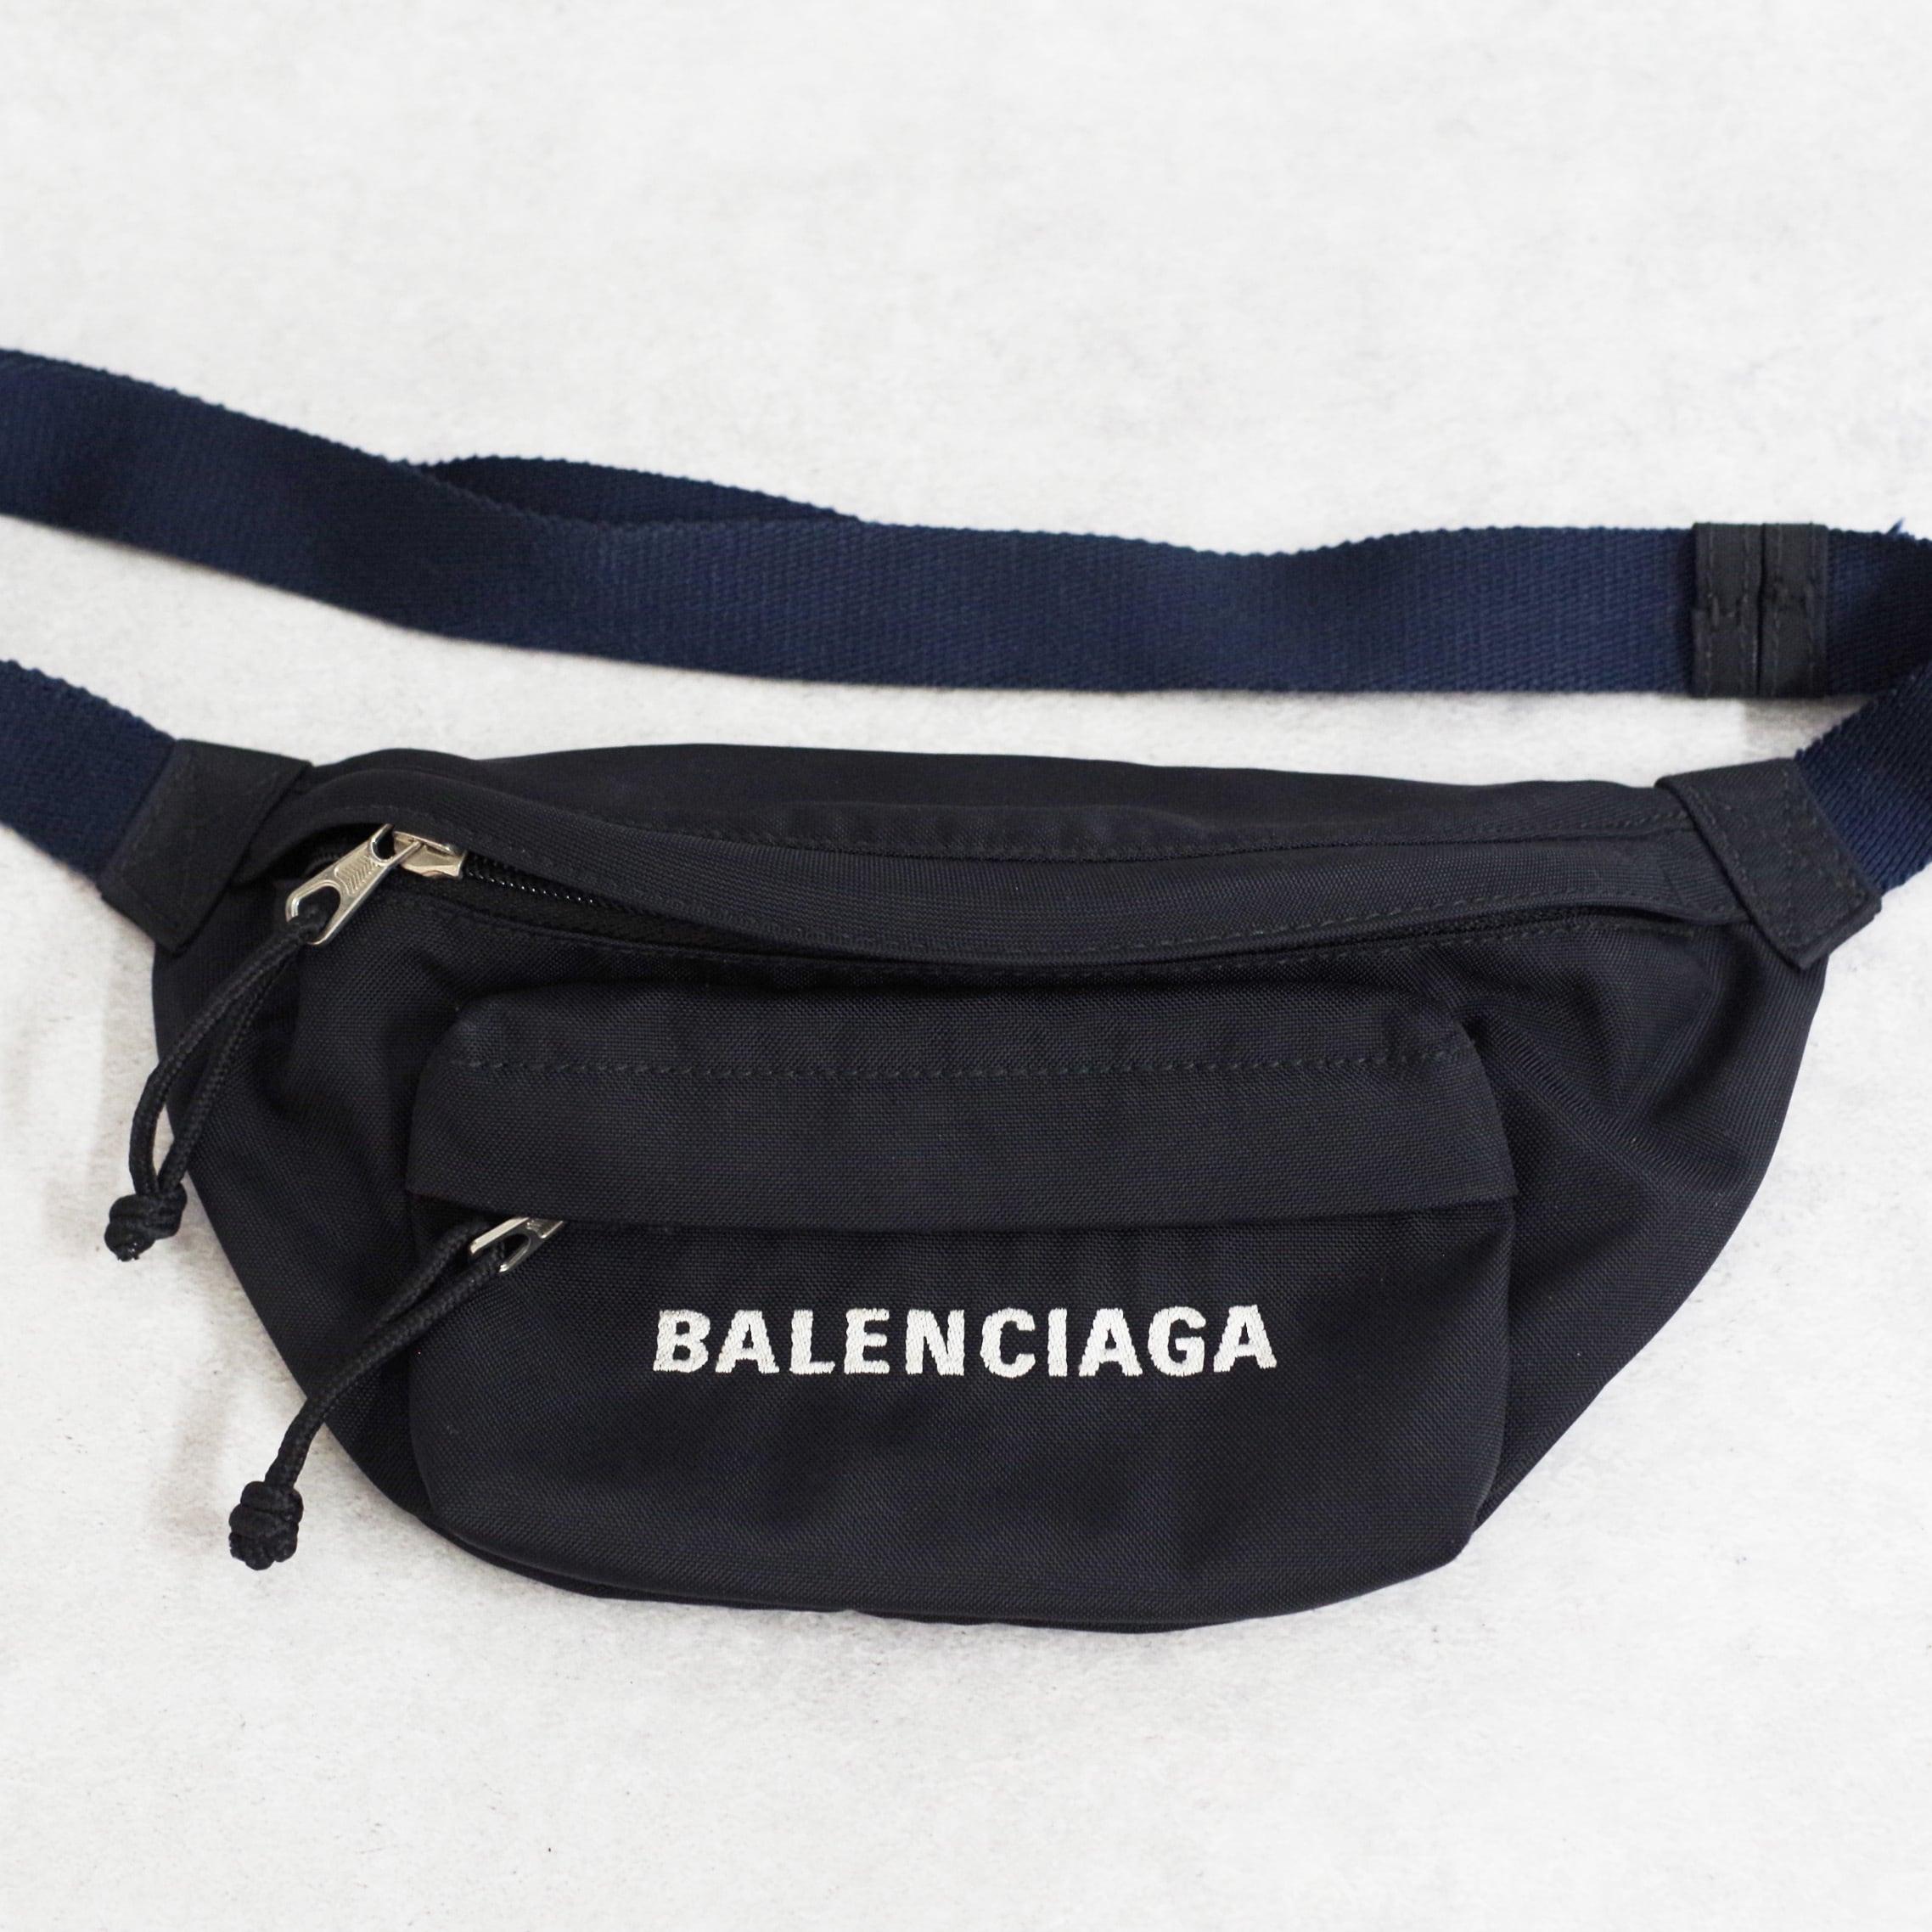 BALENCIAGA バレンシアガ ウエストバッグ ナイロン ブラック